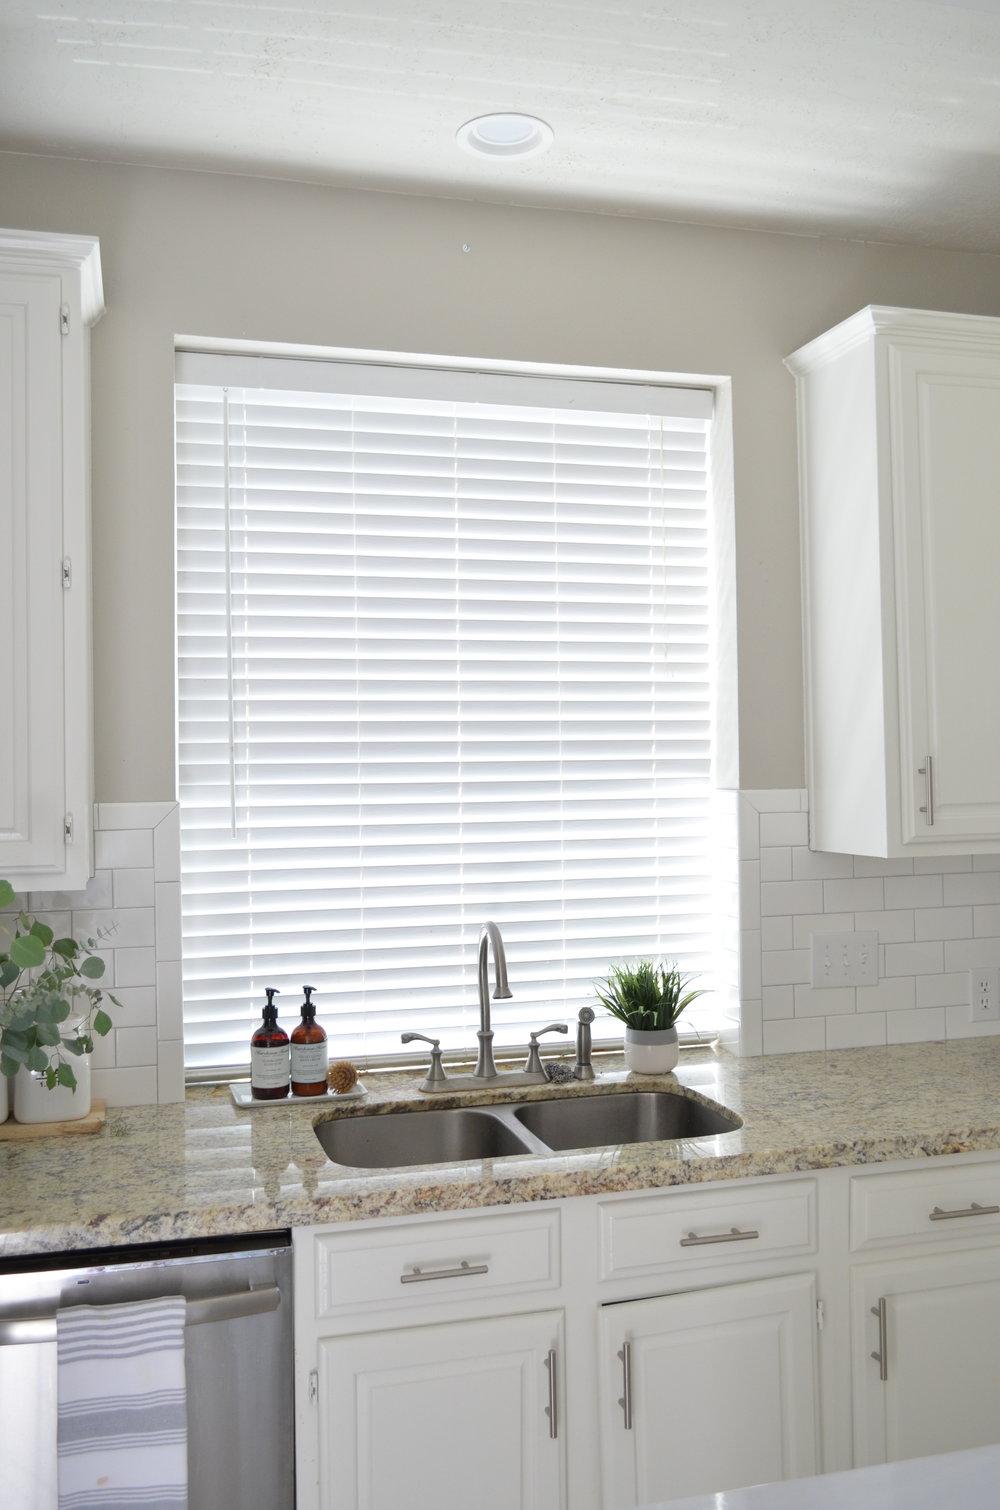 Kitchen Window Update: New Woven Shades